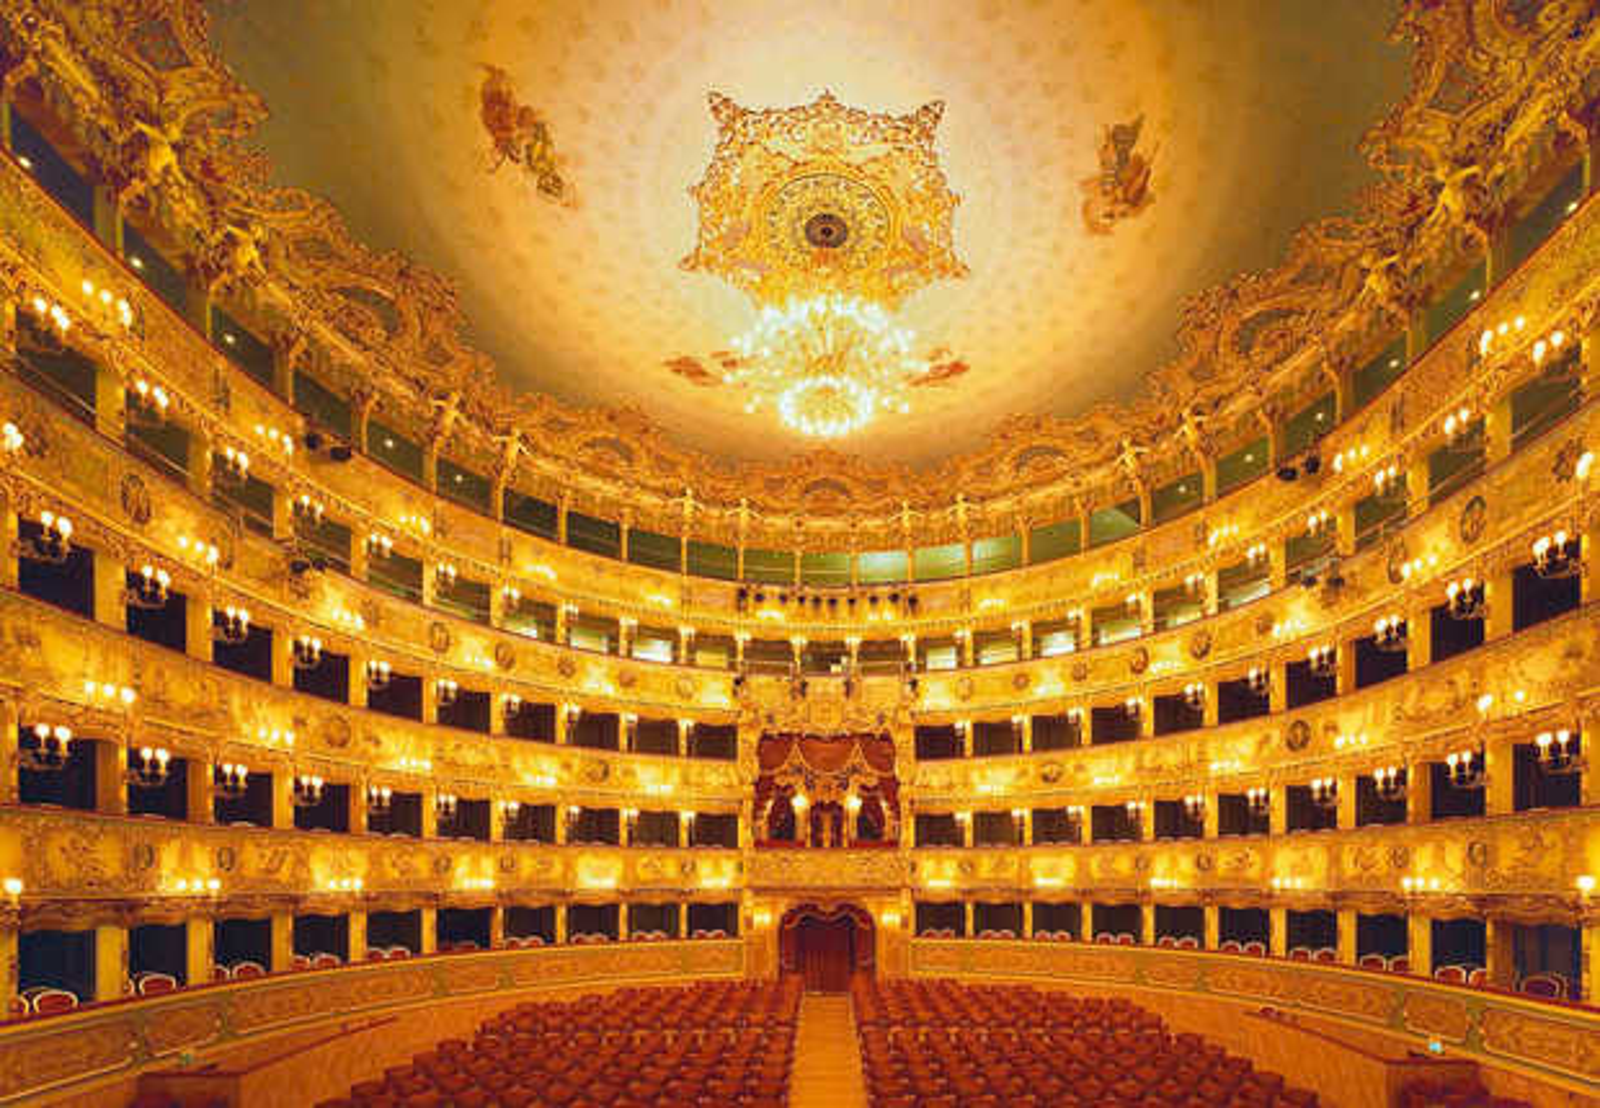 Gran Teatro La Fenice di Venezia - Rafael Neff